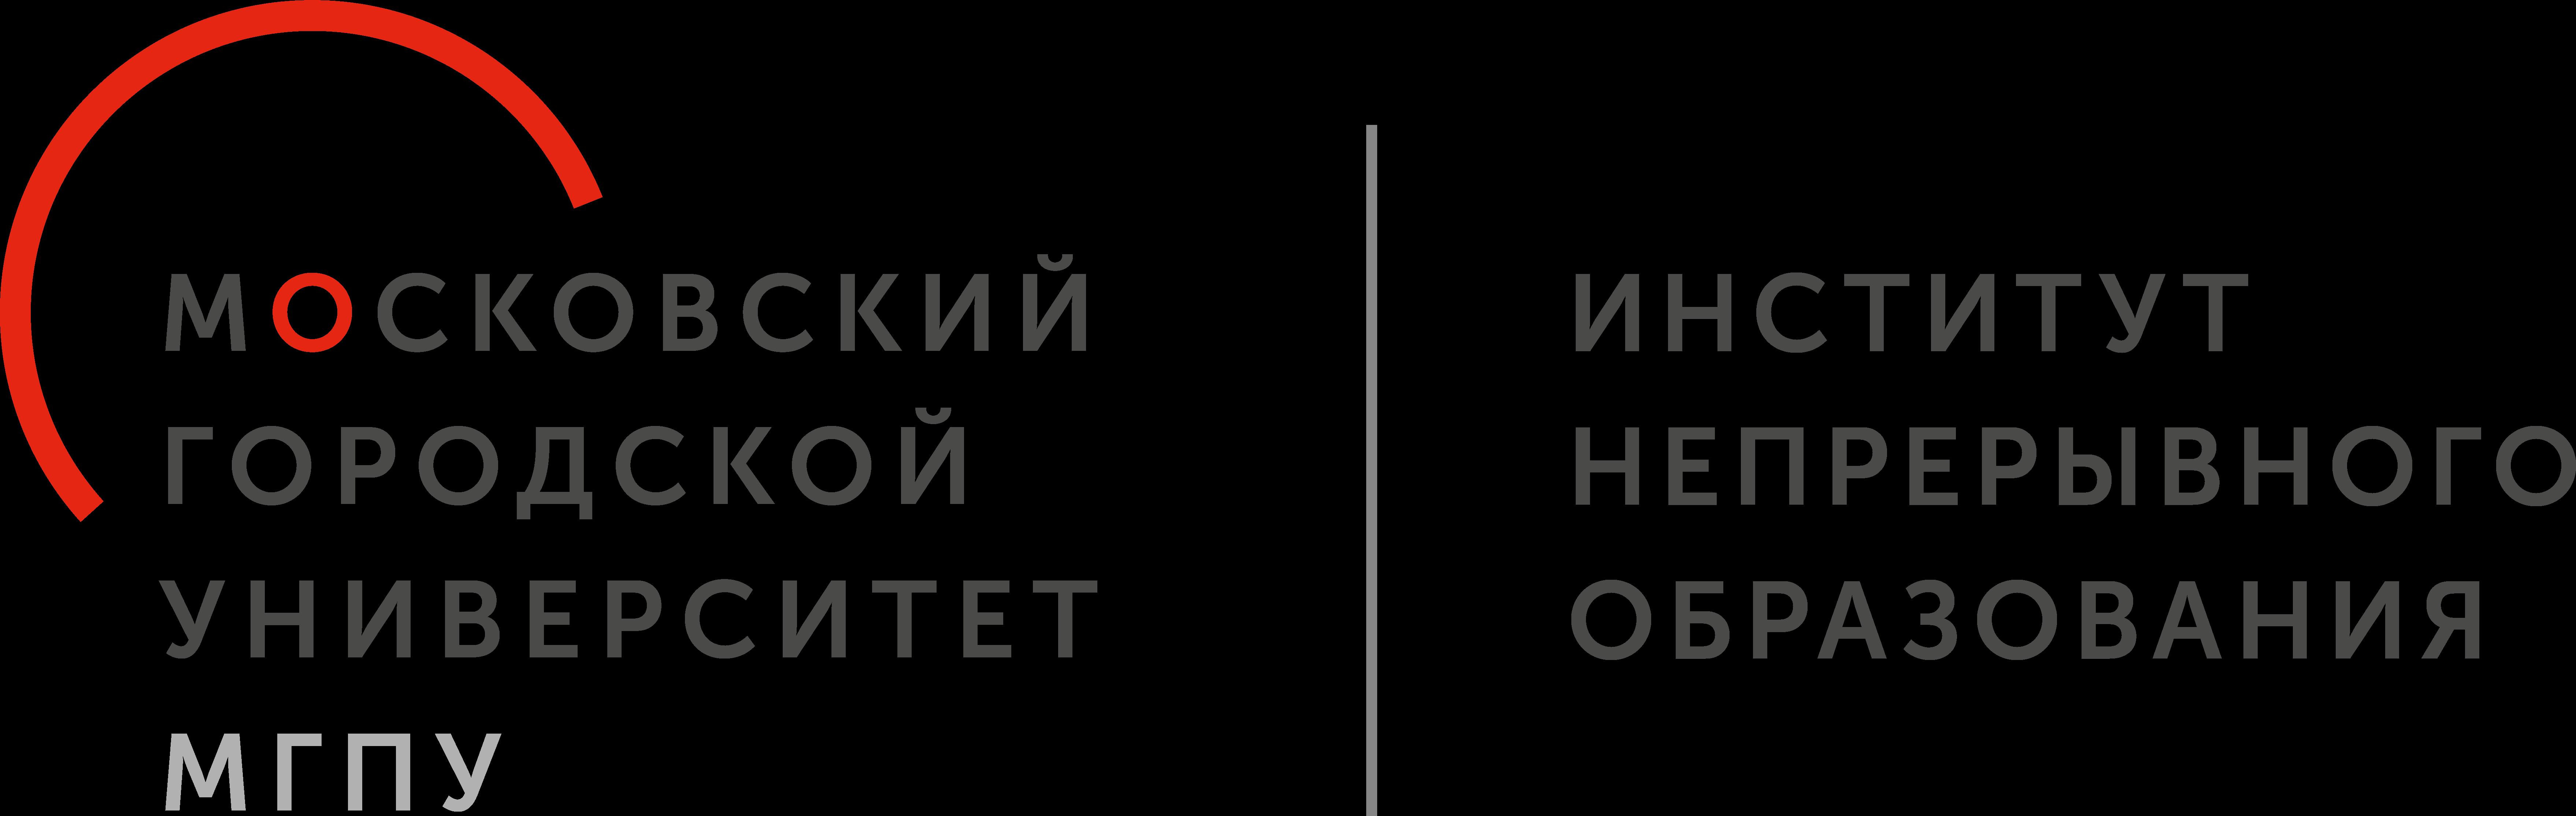 ИНО МГПУ